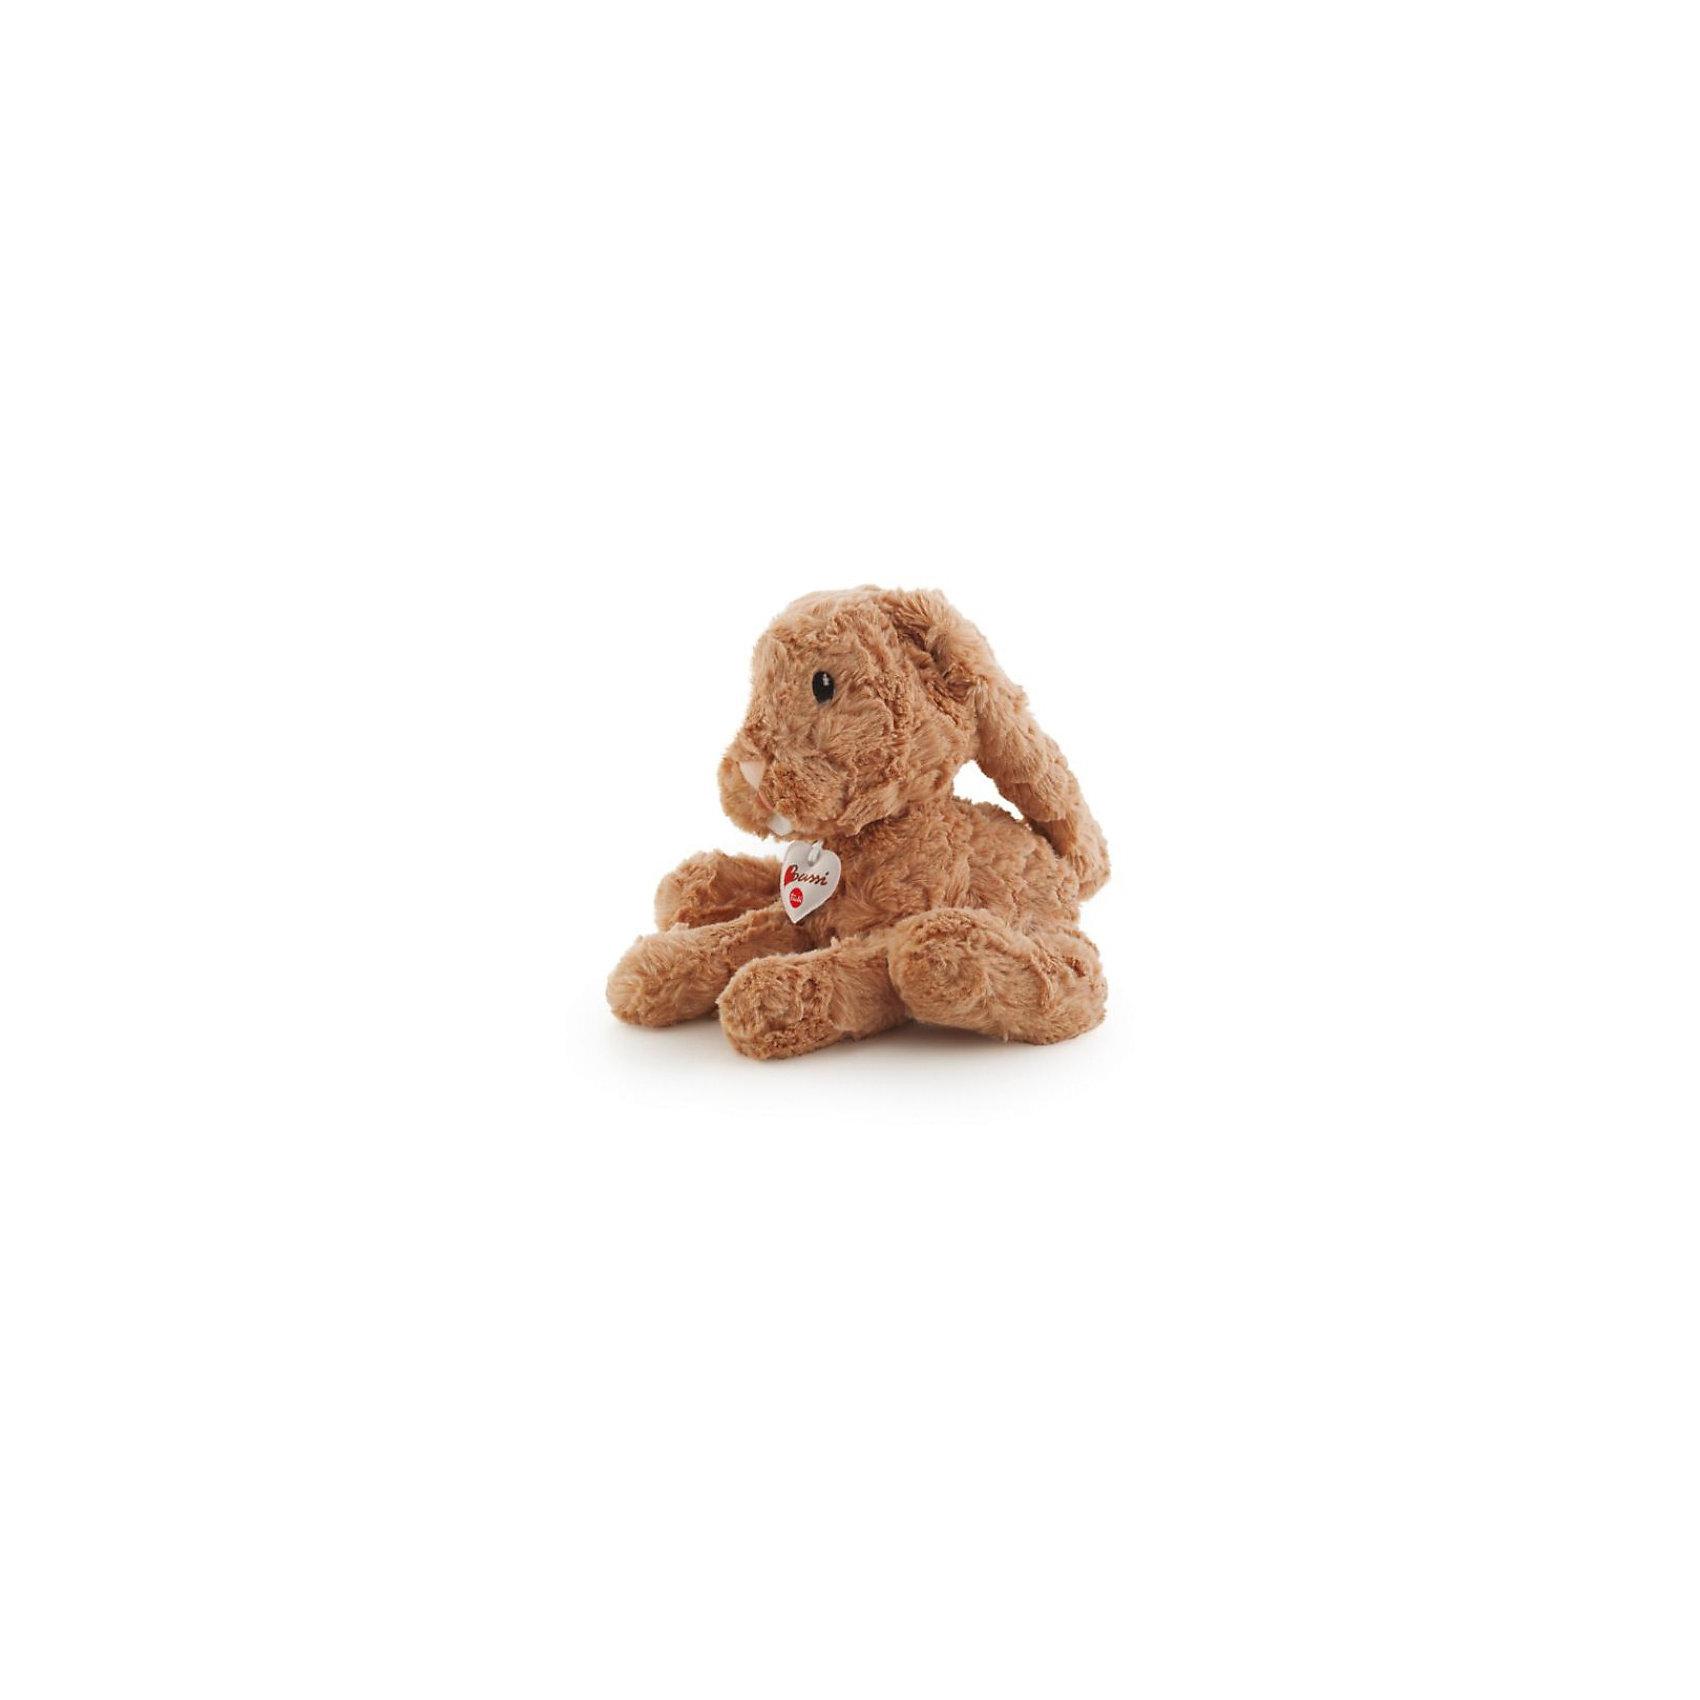 Trudi Бежевый зайчик, 38 см, Trudi мягкие игрушки trudi лайка маркус 34 см